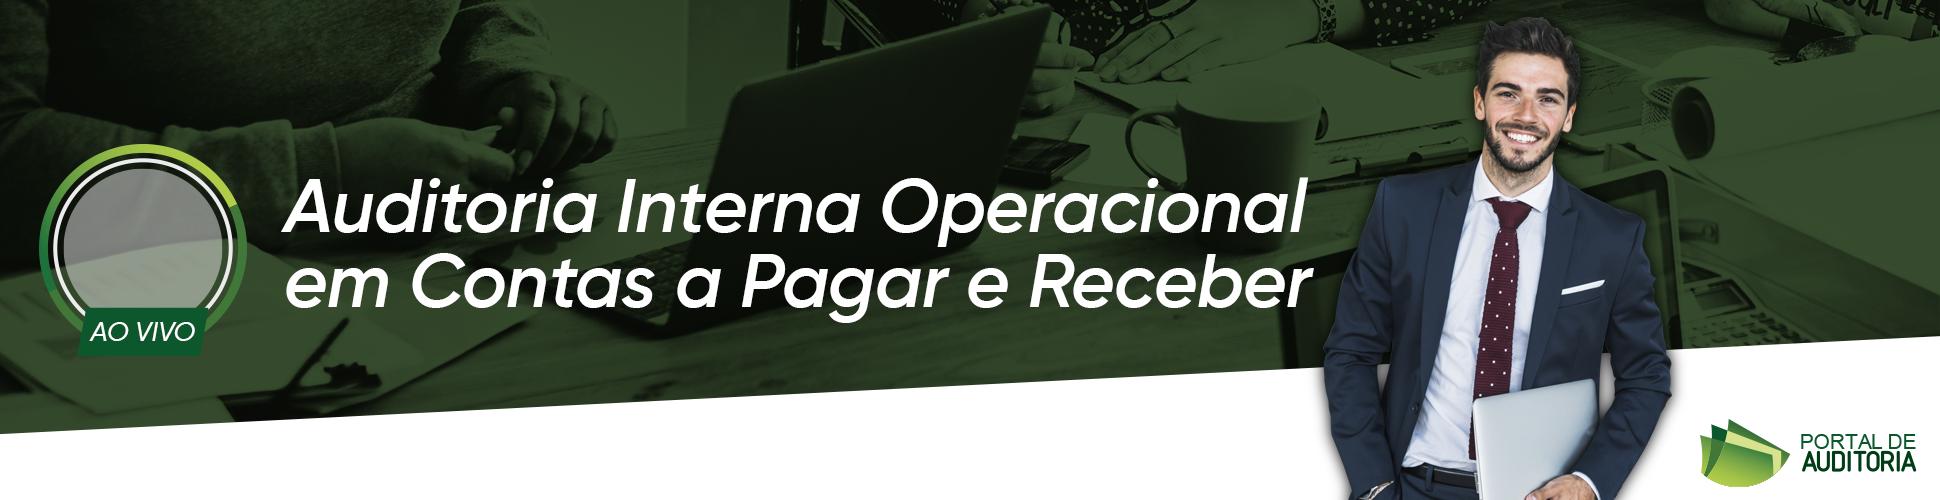 Ao vivo - Auditoria Interna Operacional em Contas a Pagar e Receber